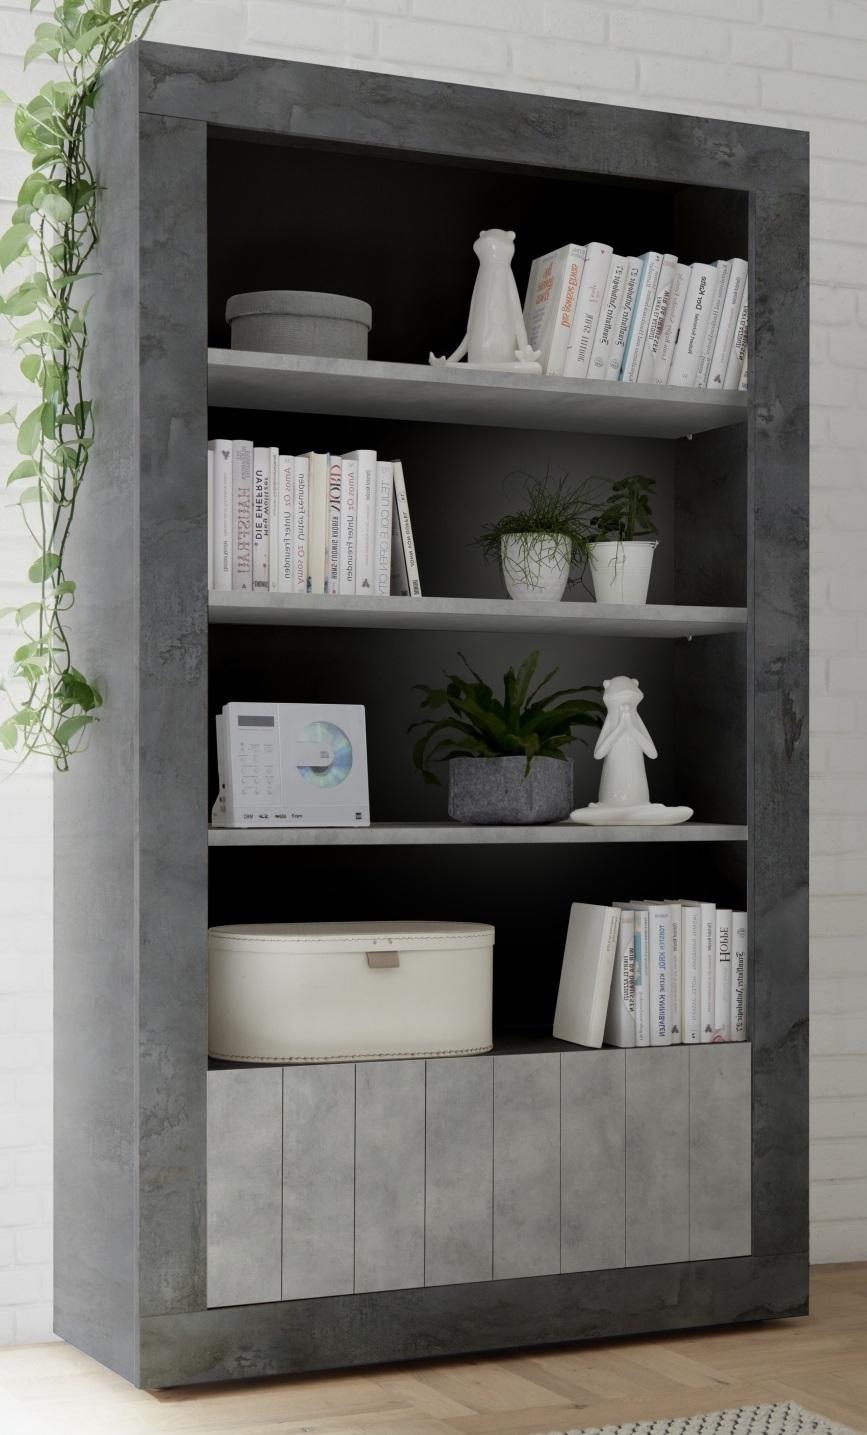 Open boekenkast Urbino 190 cm hoog in oxid met grijs beton | Pesaro Mobilia